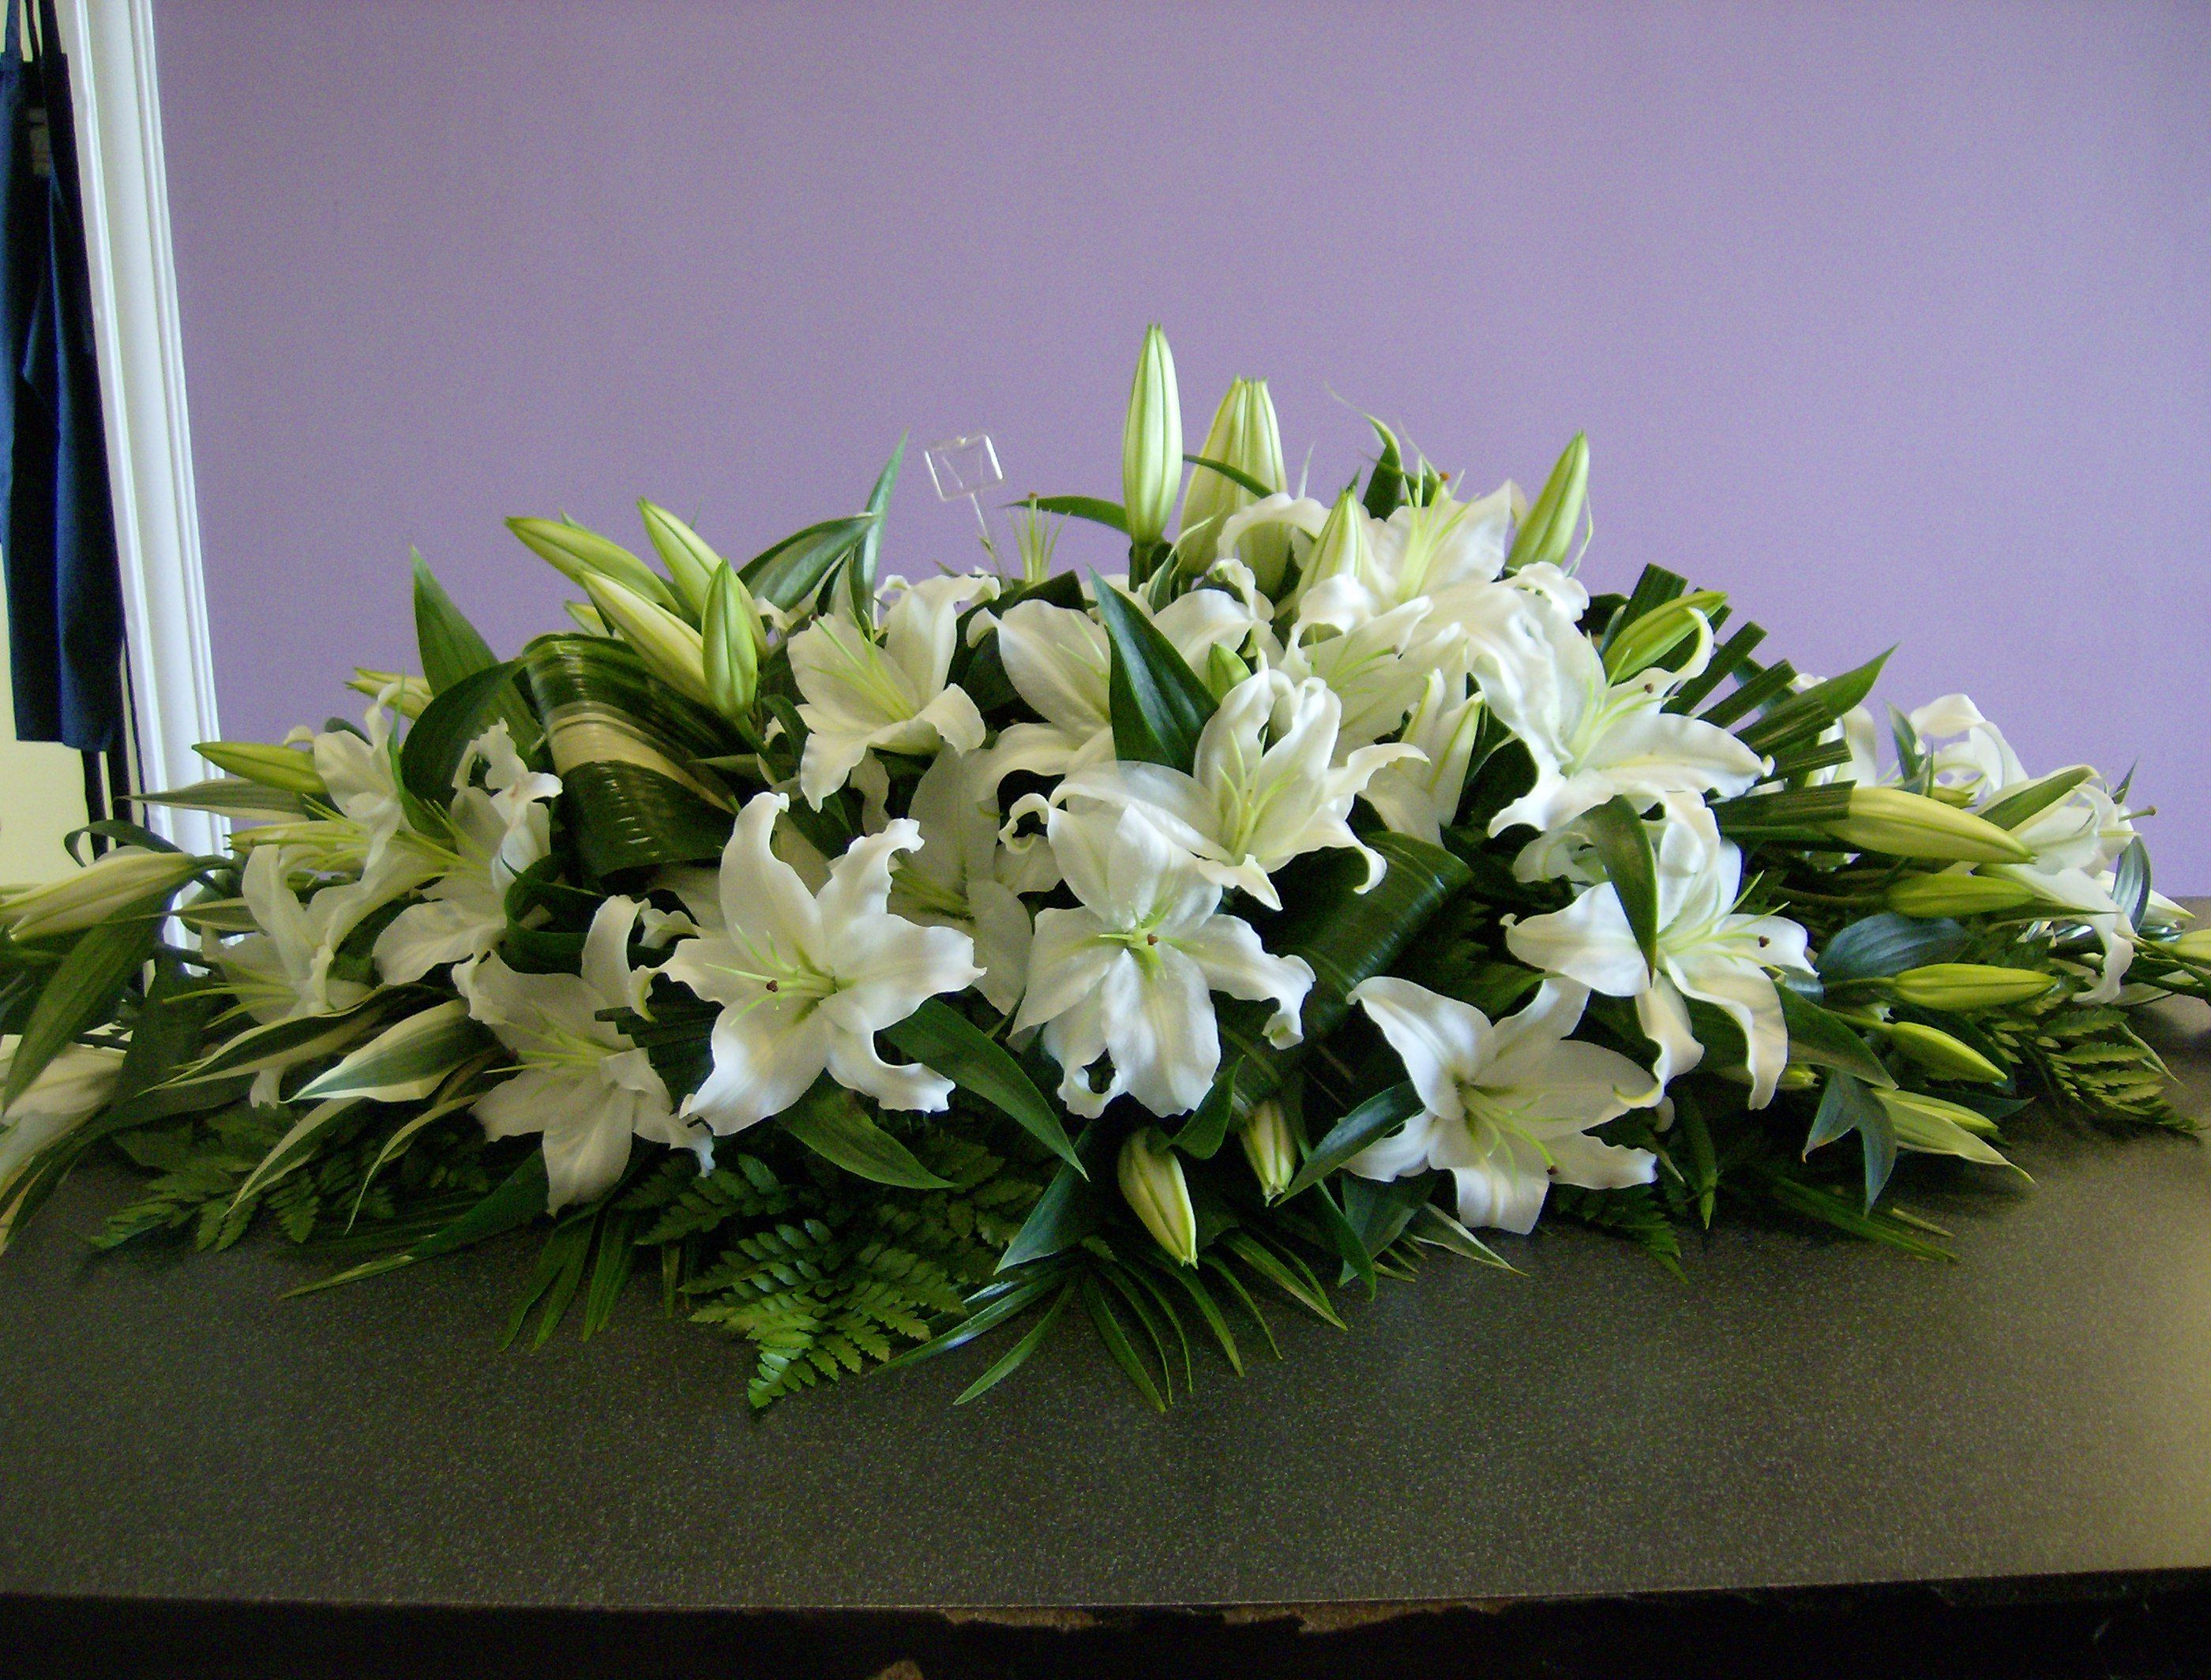 оригинальные лилии в цветочной композиции фото прилетели, такая очередь